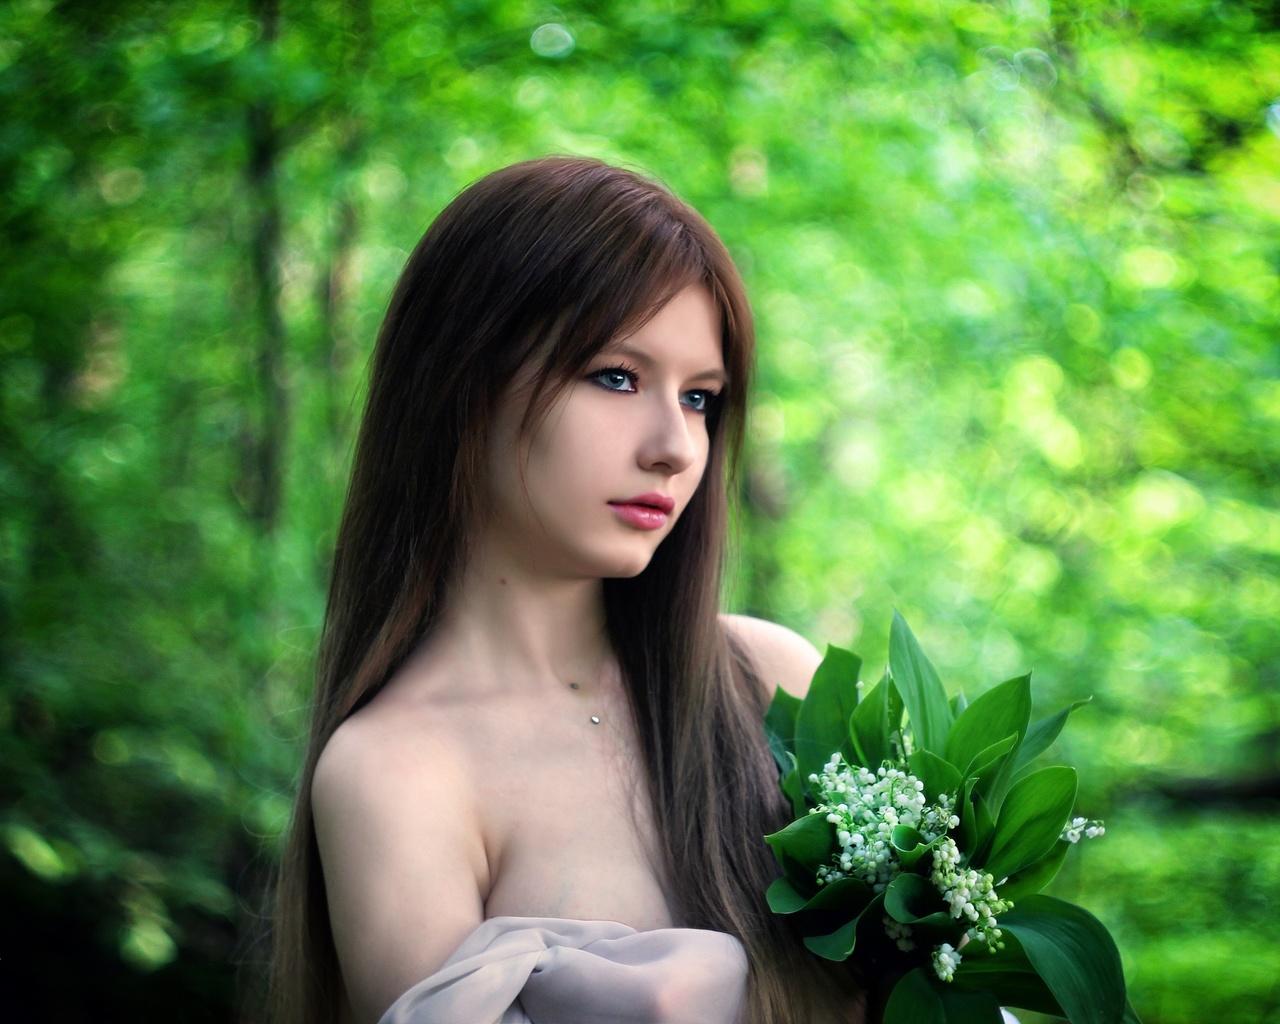 девушка, цветы, фотограф, сергей ящиков, модель, алина, длинные волосы